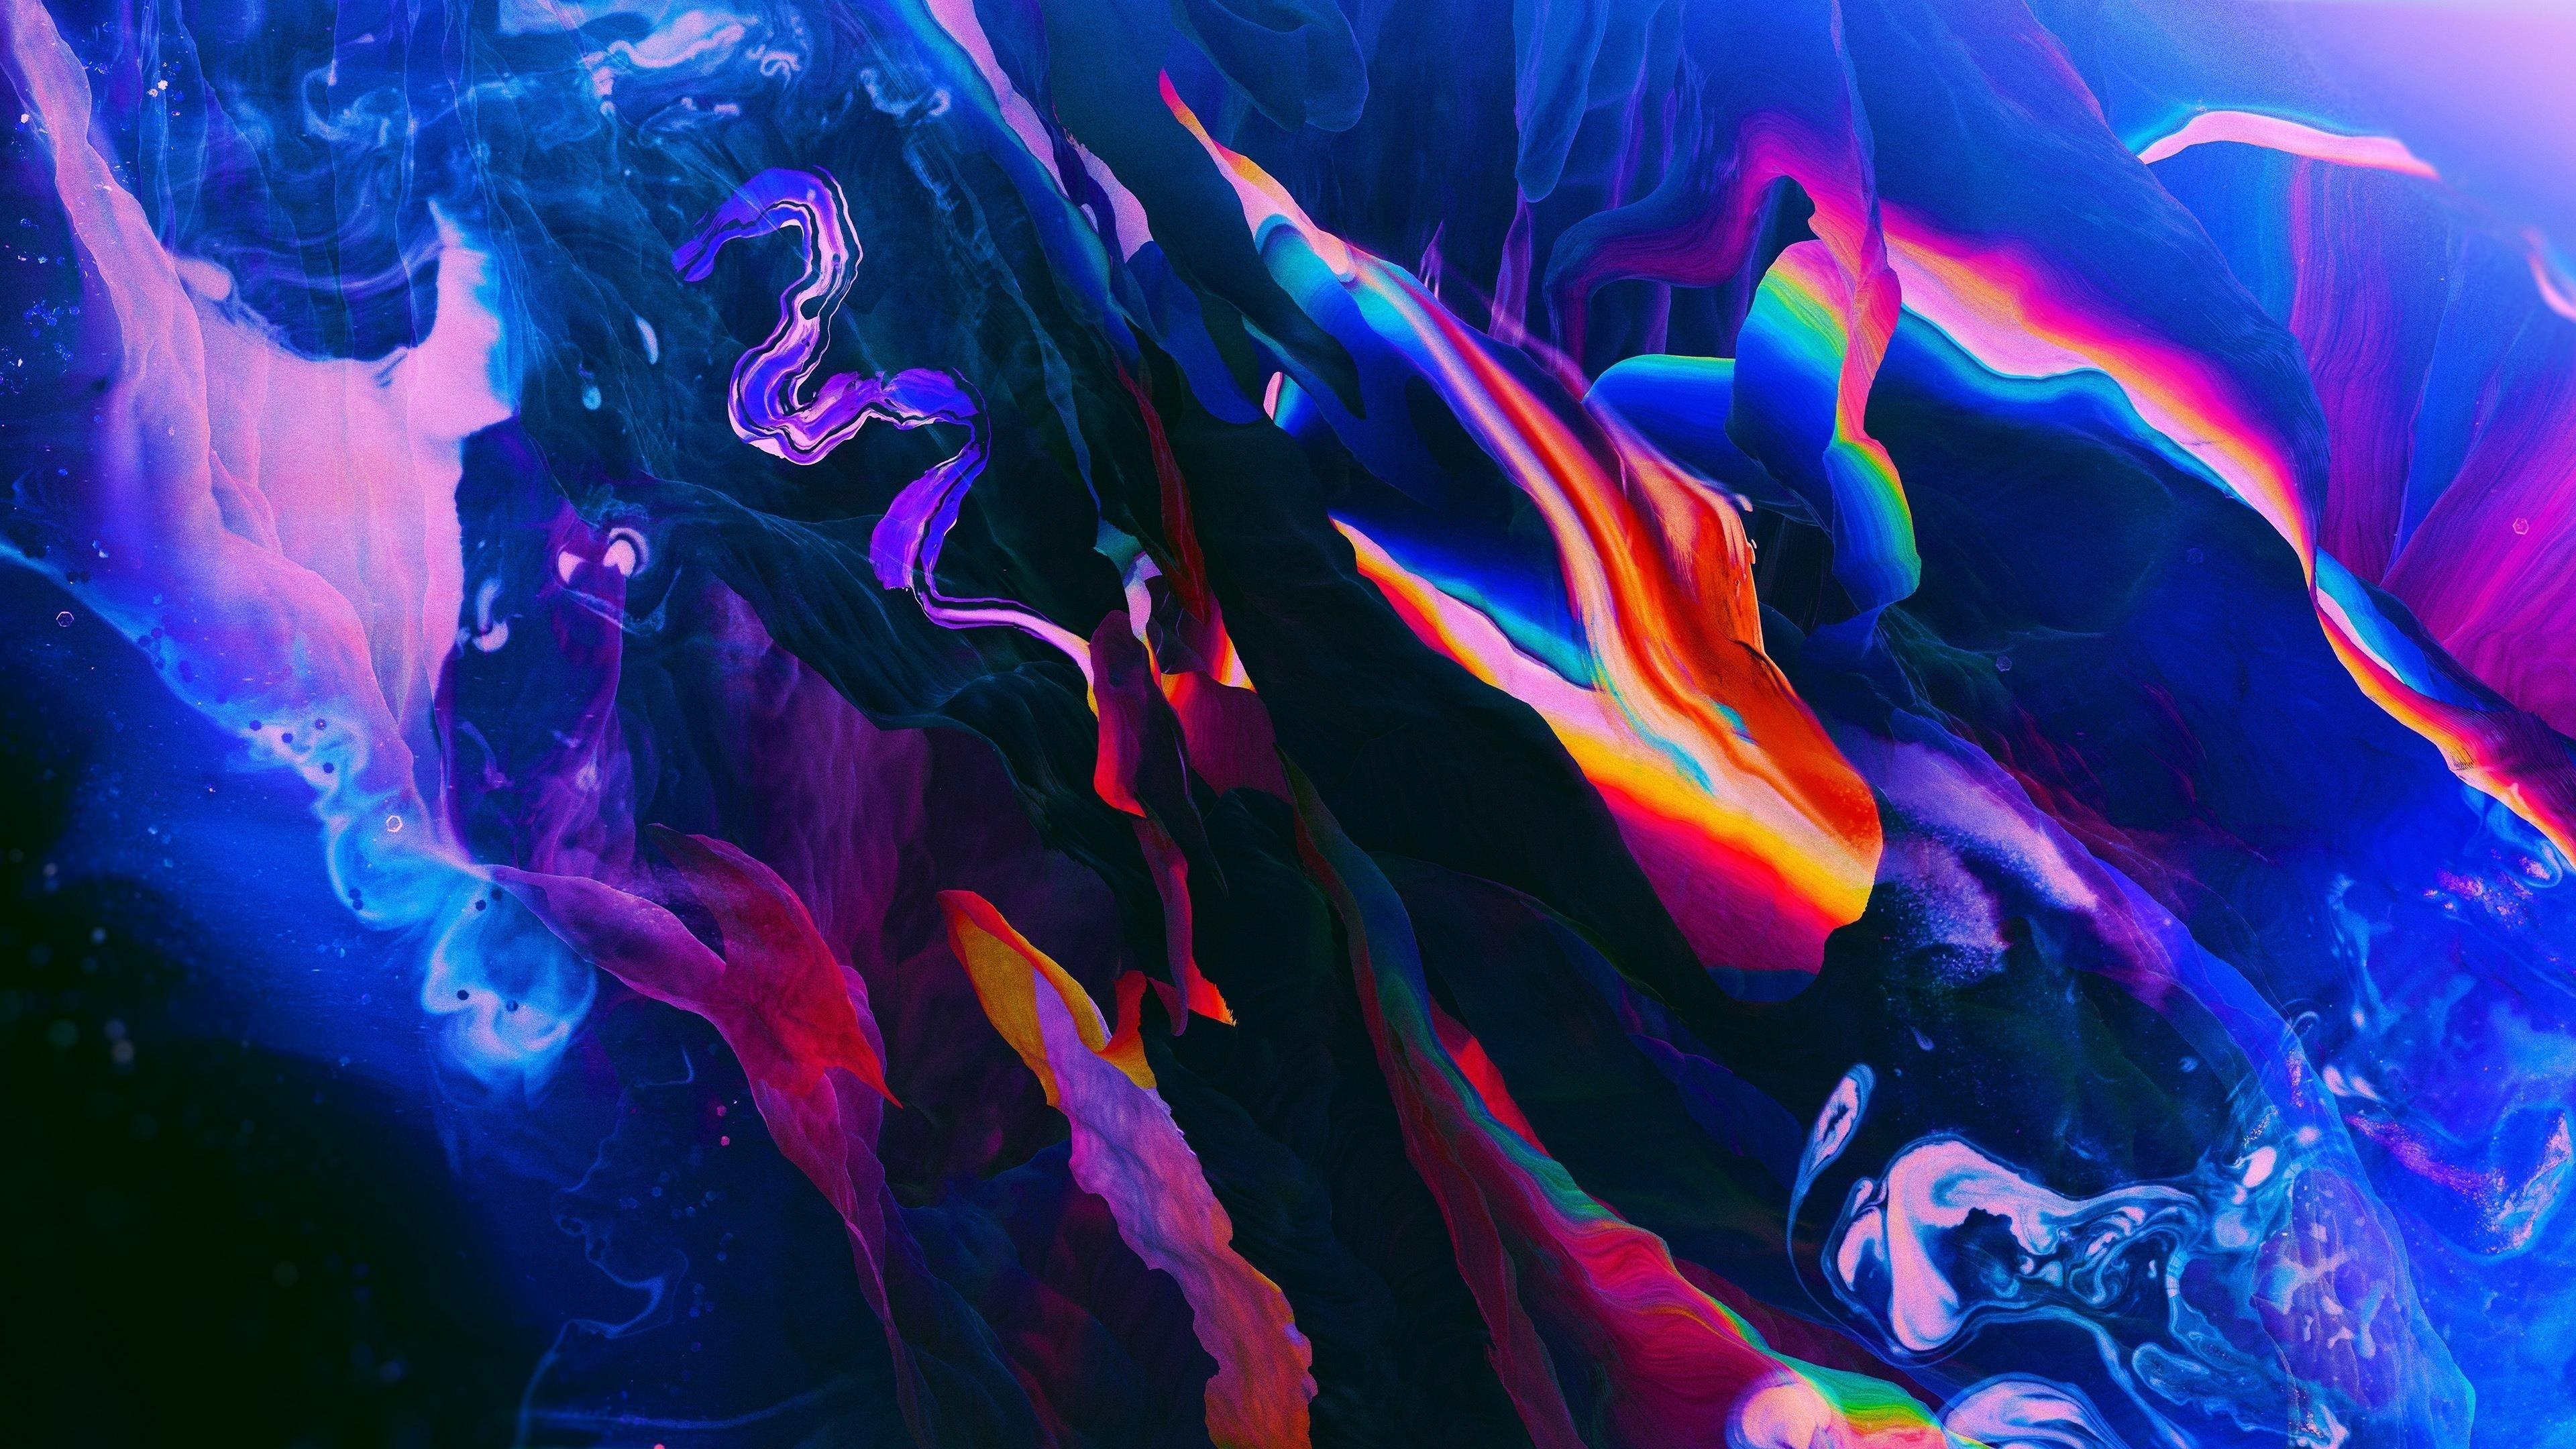 Формирование синего цвета абстракция абстракция обои скачать